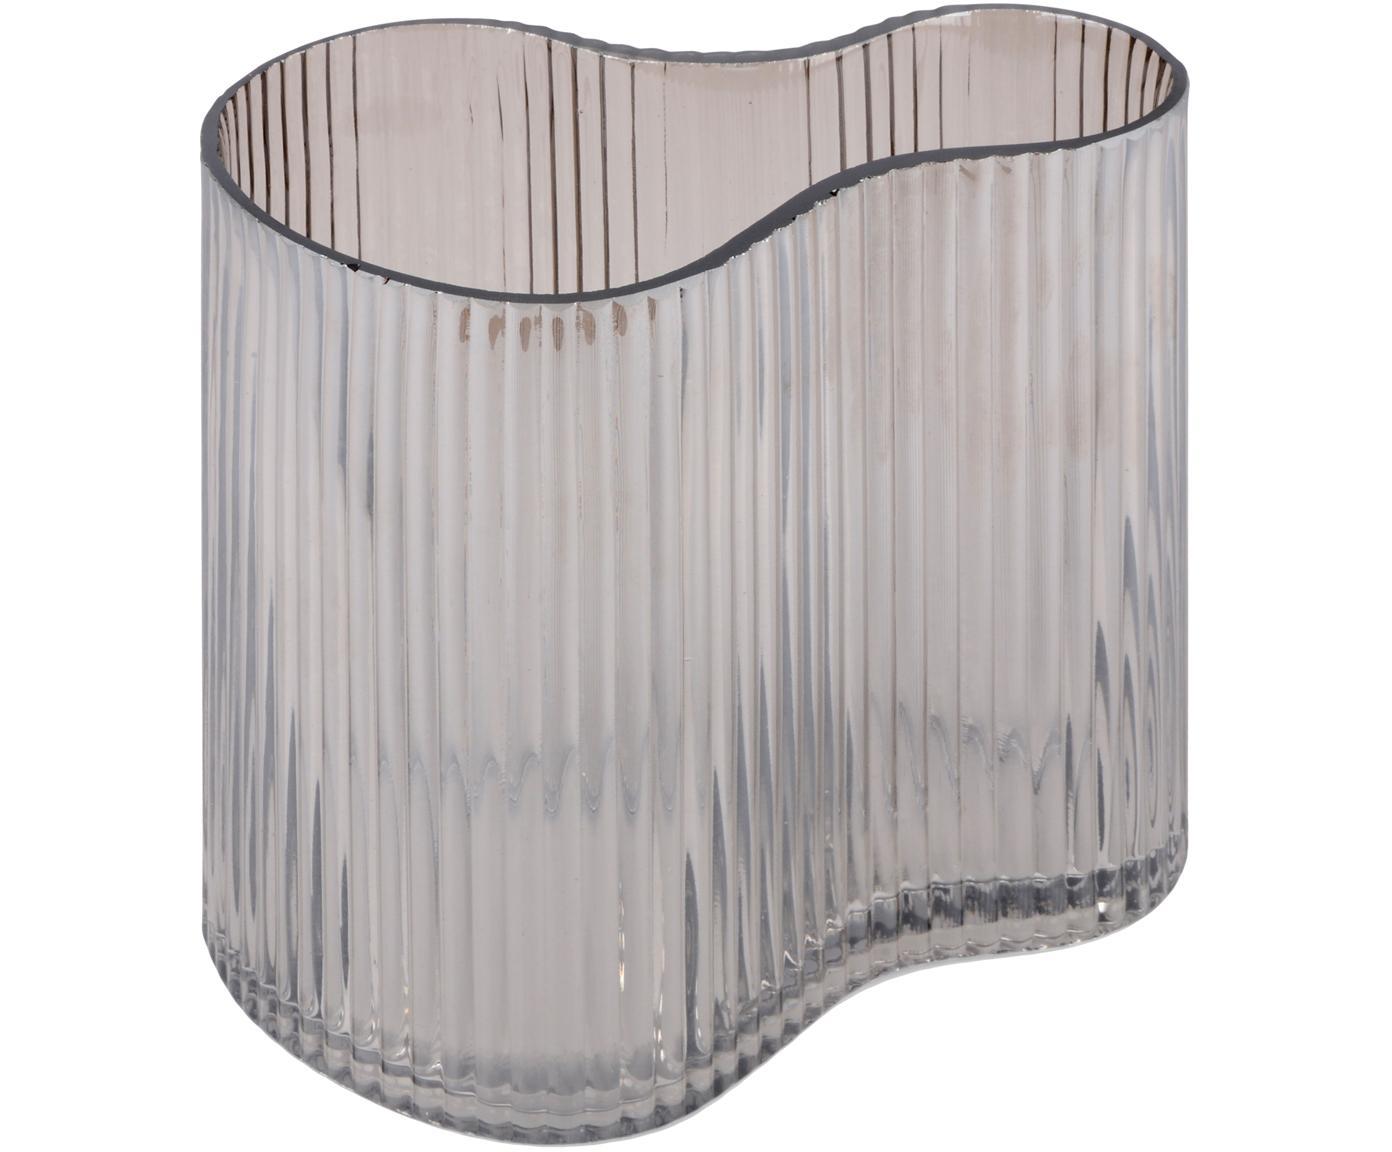 Jarrón de vidrio Bubbles, Vidrio, Gris, An 18 x Al 12 cm